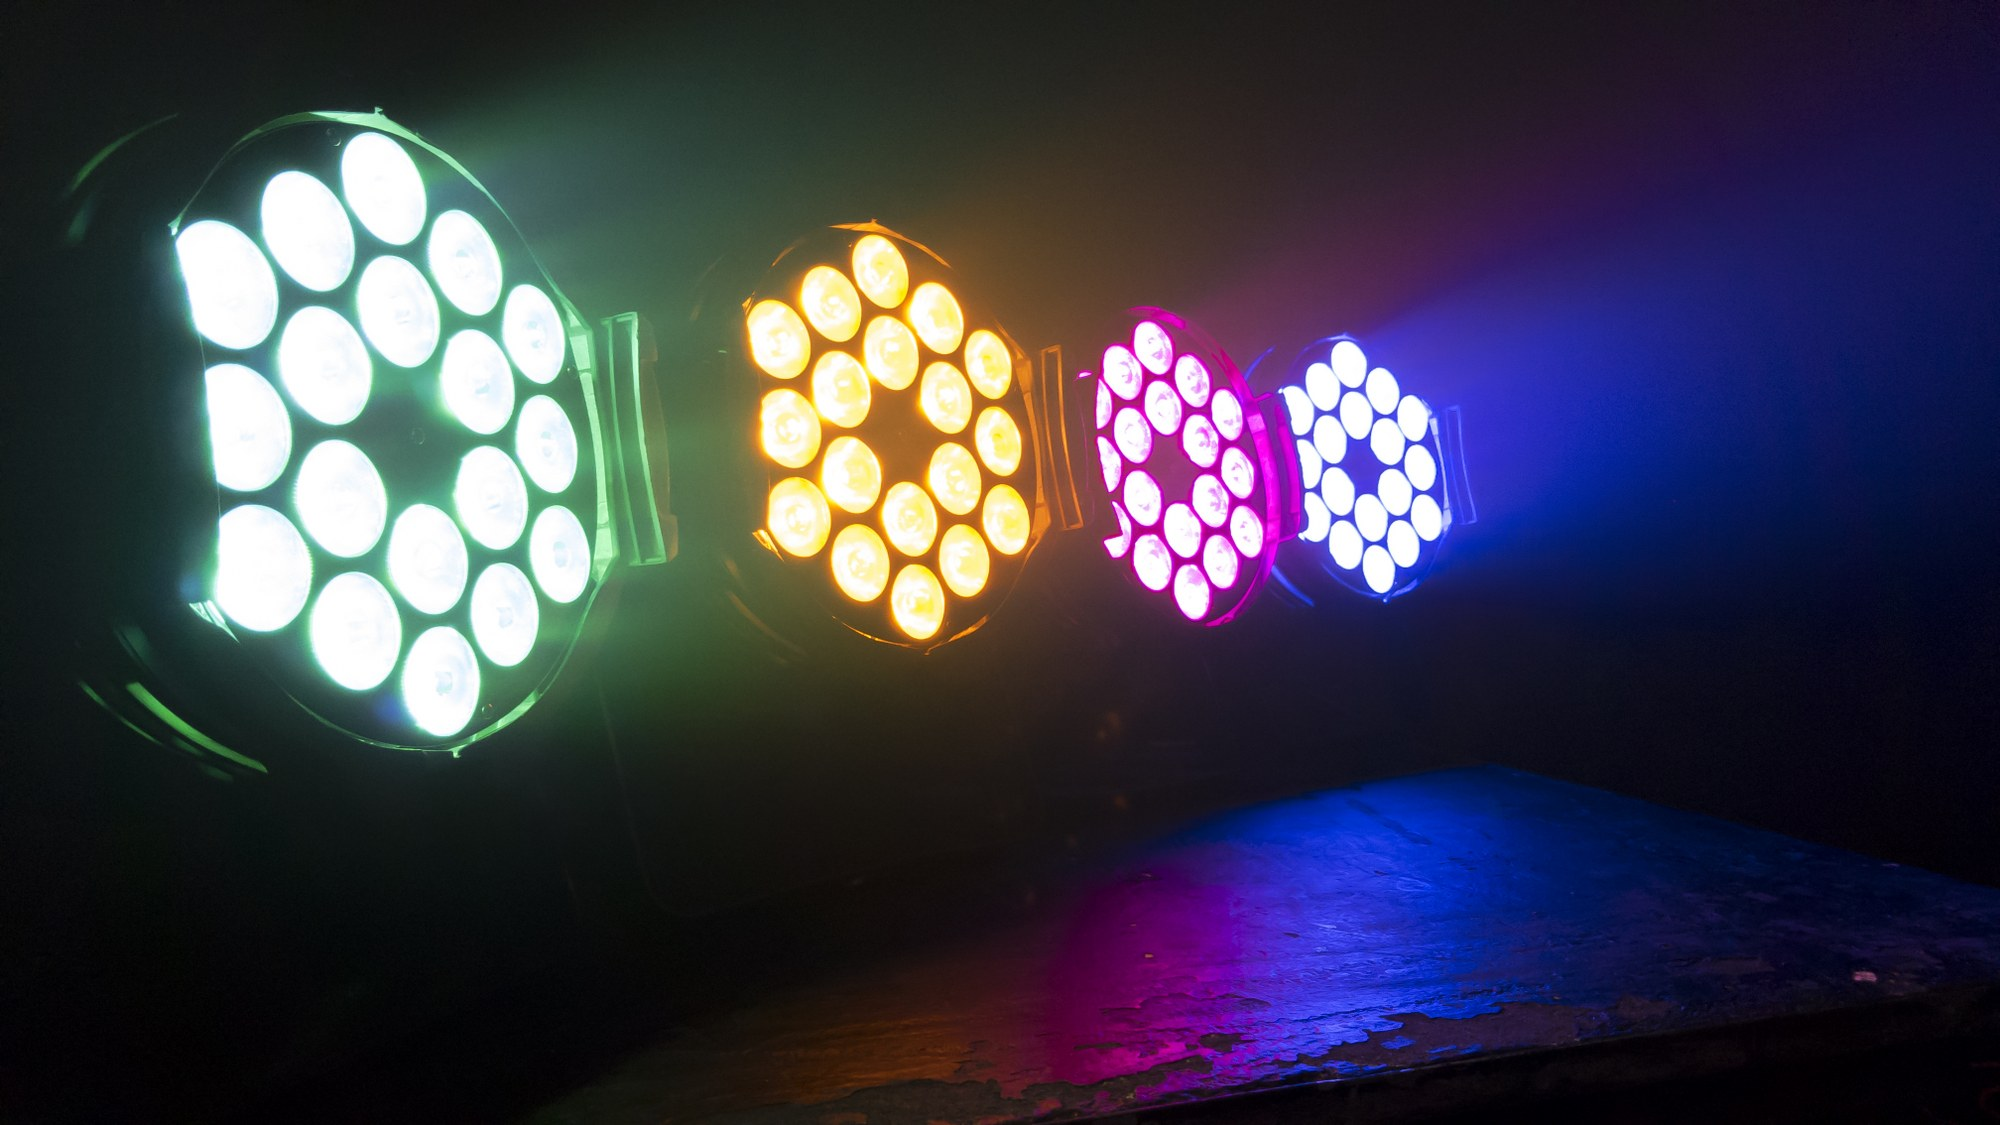 de terug verdien tijd met betrekking tot de led verlichting ligt gemiddeld tussen de 2 en 6 jaar afhankelijk hoe lang de lichtbronnen per dag branden